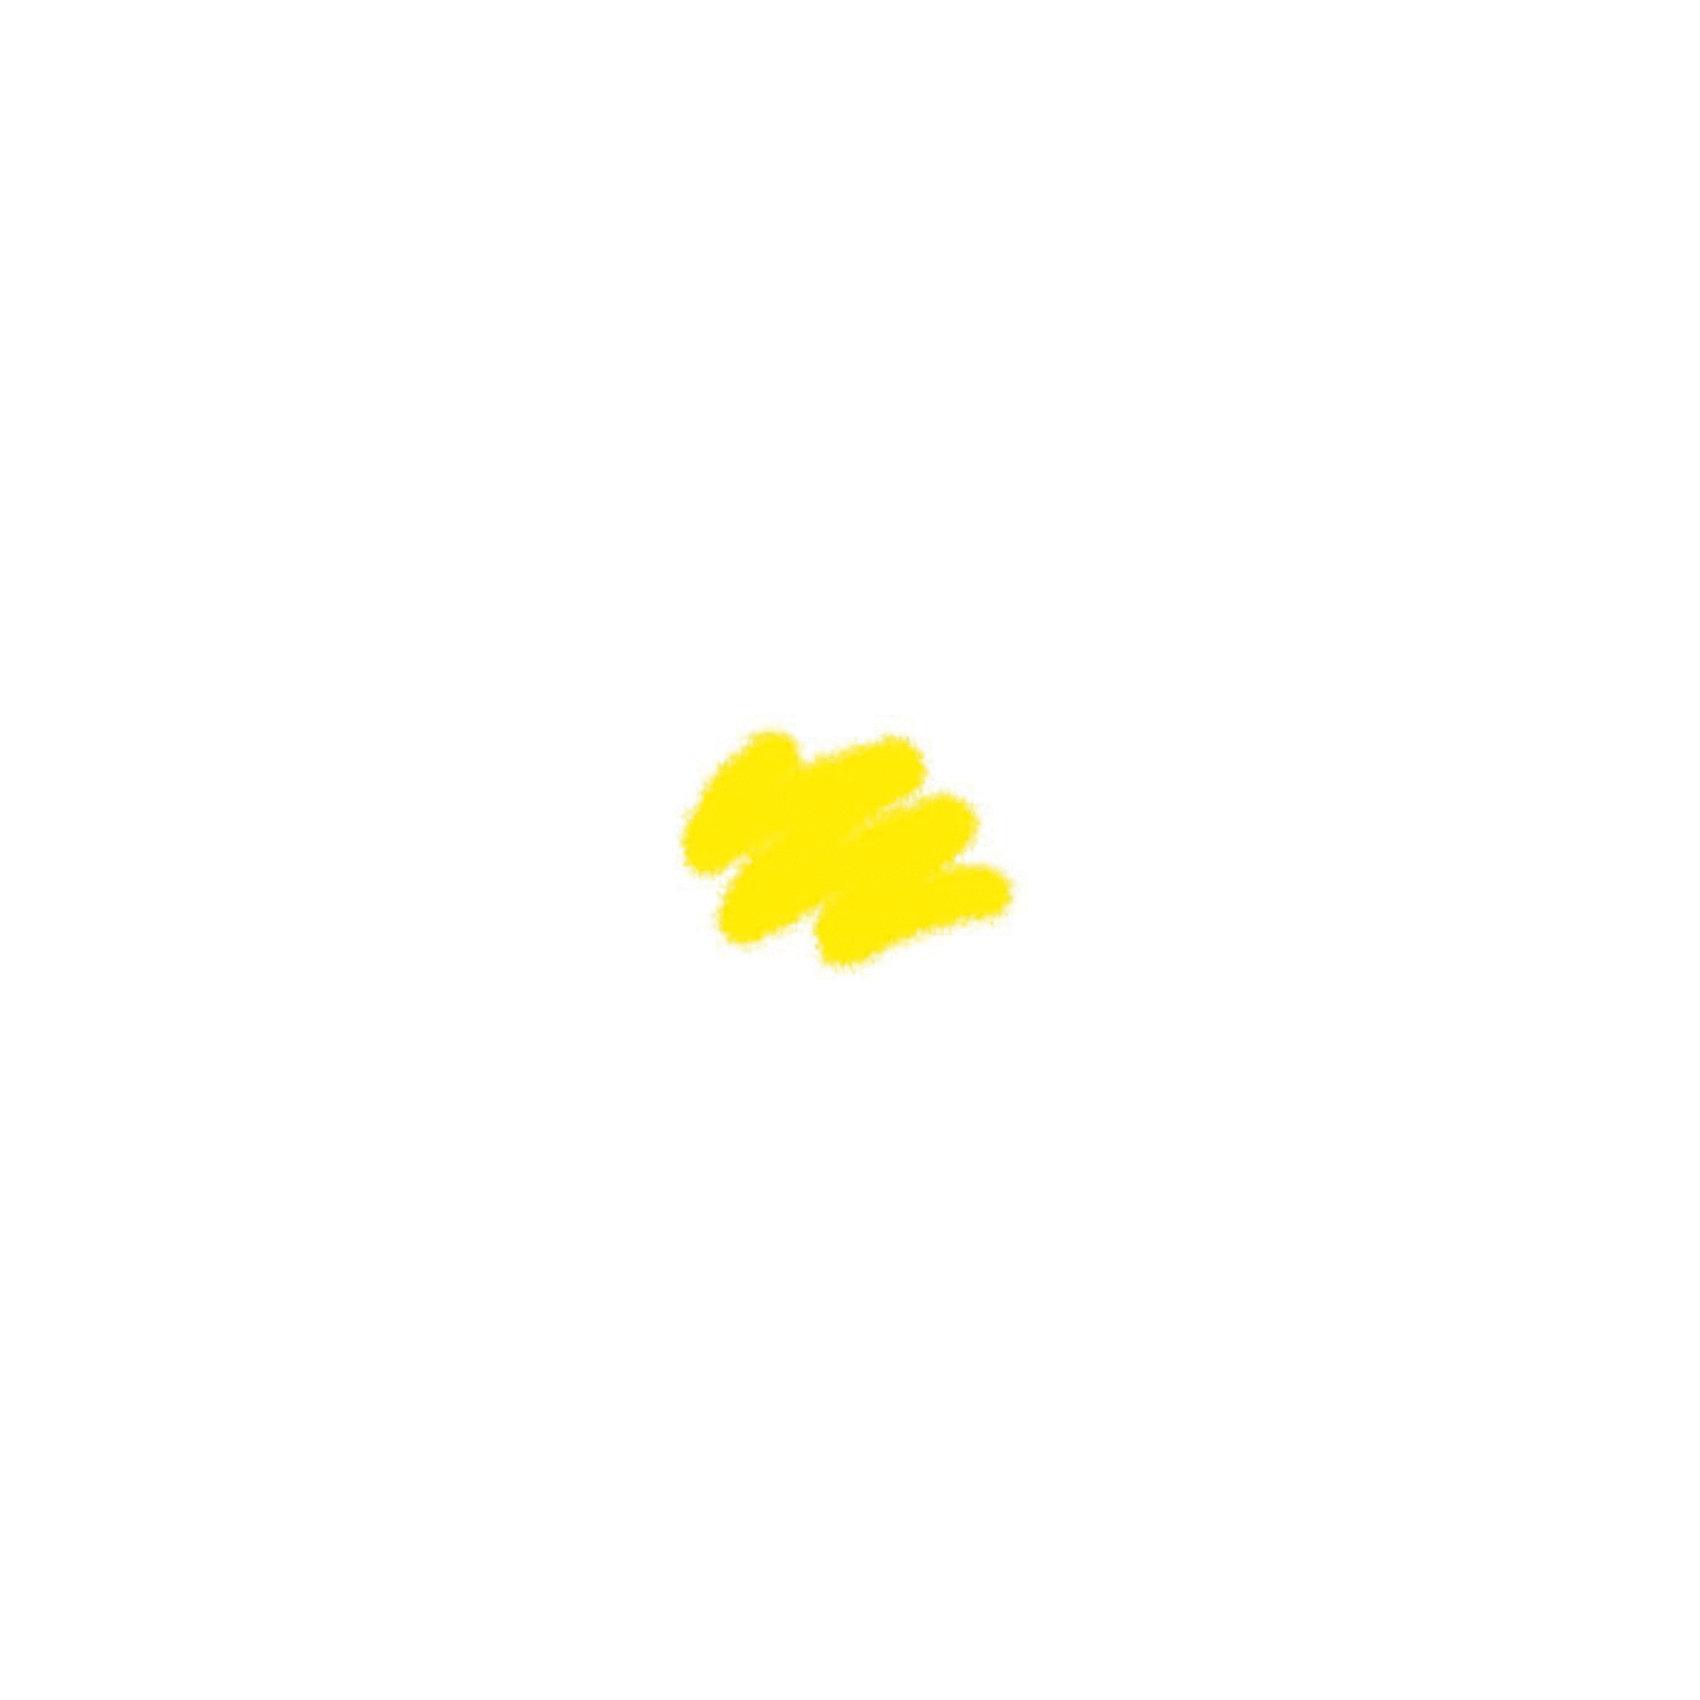 Акриловая краска для моделей Звезда, желтая 12 млМодели для склеивания<br>Краска желтая (шт)<br><br>Ширина мм: 18<br>Глубина мм: 18<br>Высота мм: 58<br>Вес г: 19<br>Возраст от месяцев: 72<br>Возраст до месяцев: 180<br>Пол: Мужской<br>Возраст: Детский<br>SKU: 7086619